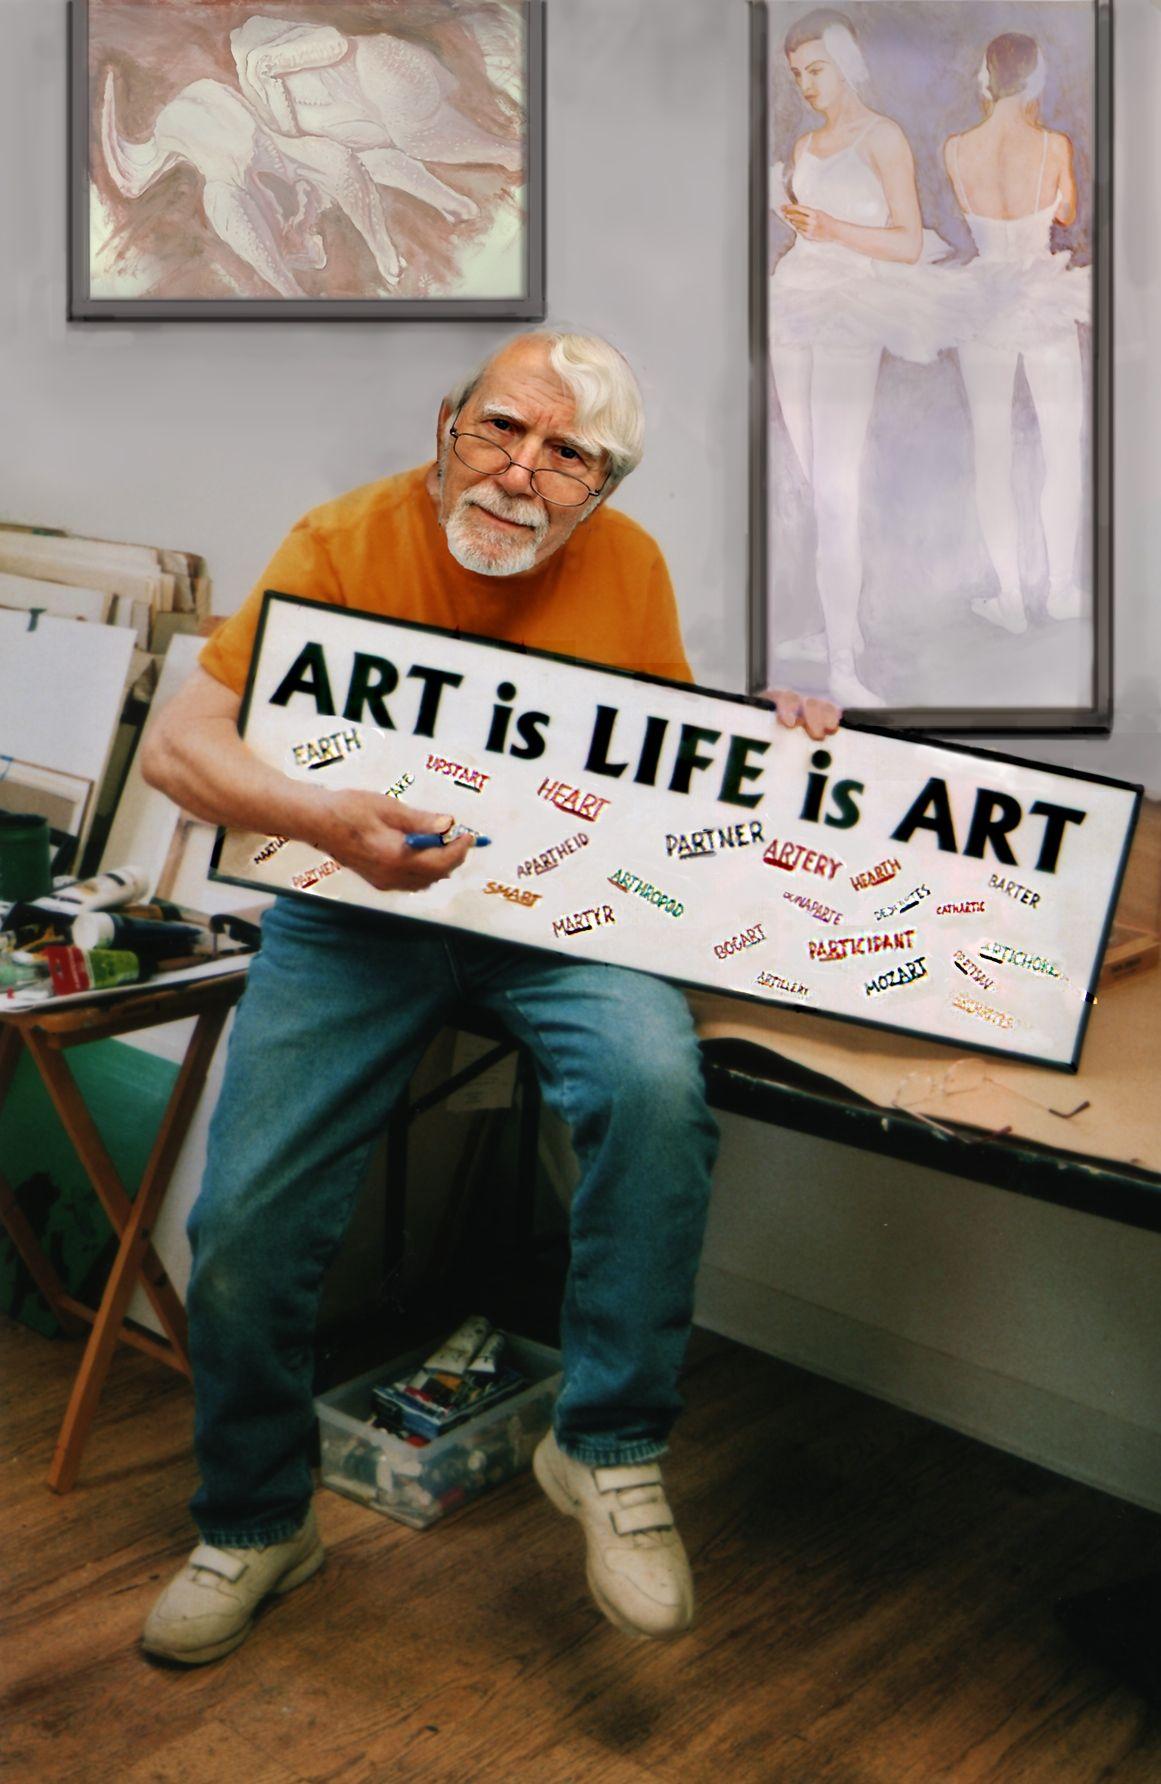 Artist teacher theologian social activist and art